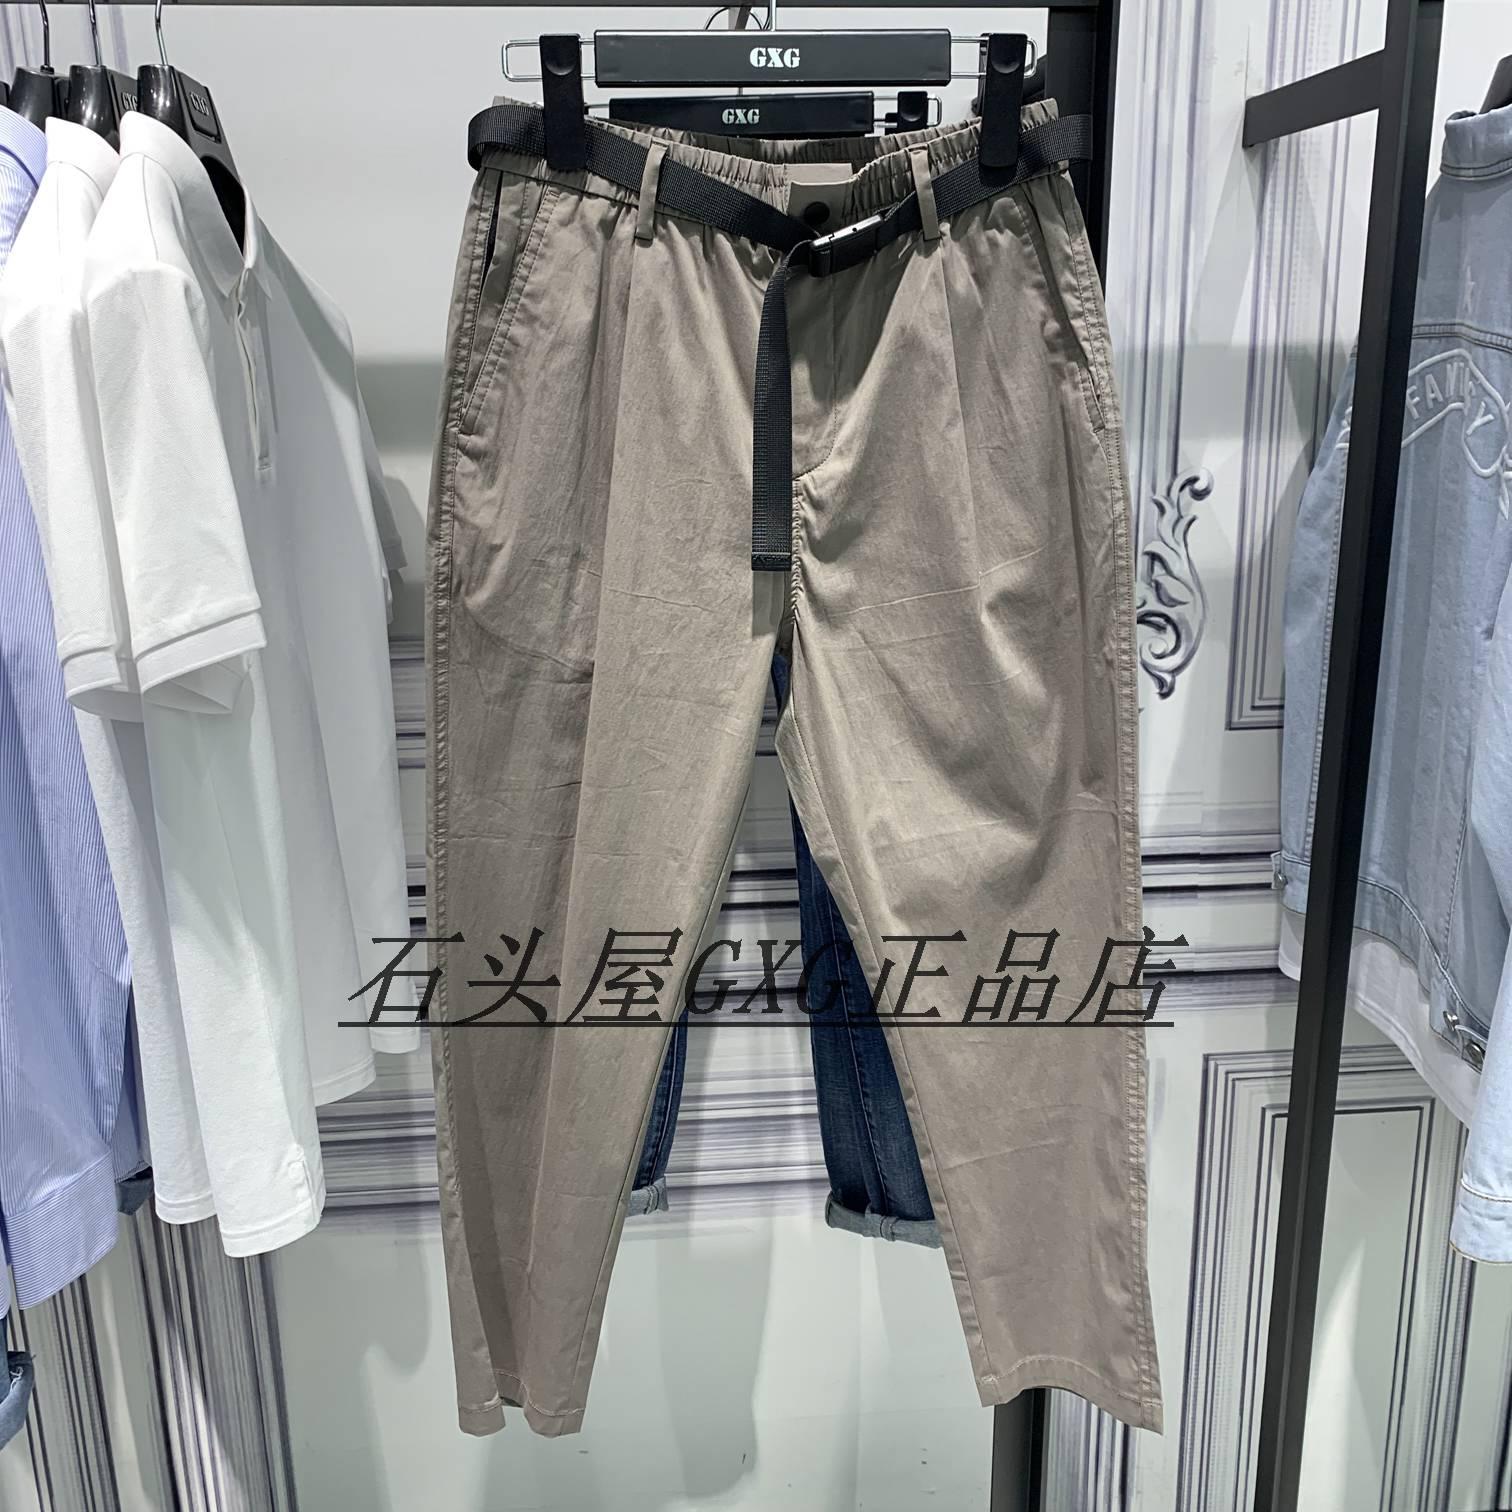 GXG正品男装2019夏装新款 商场同款绿色小脚九分休闲裤GY102805C